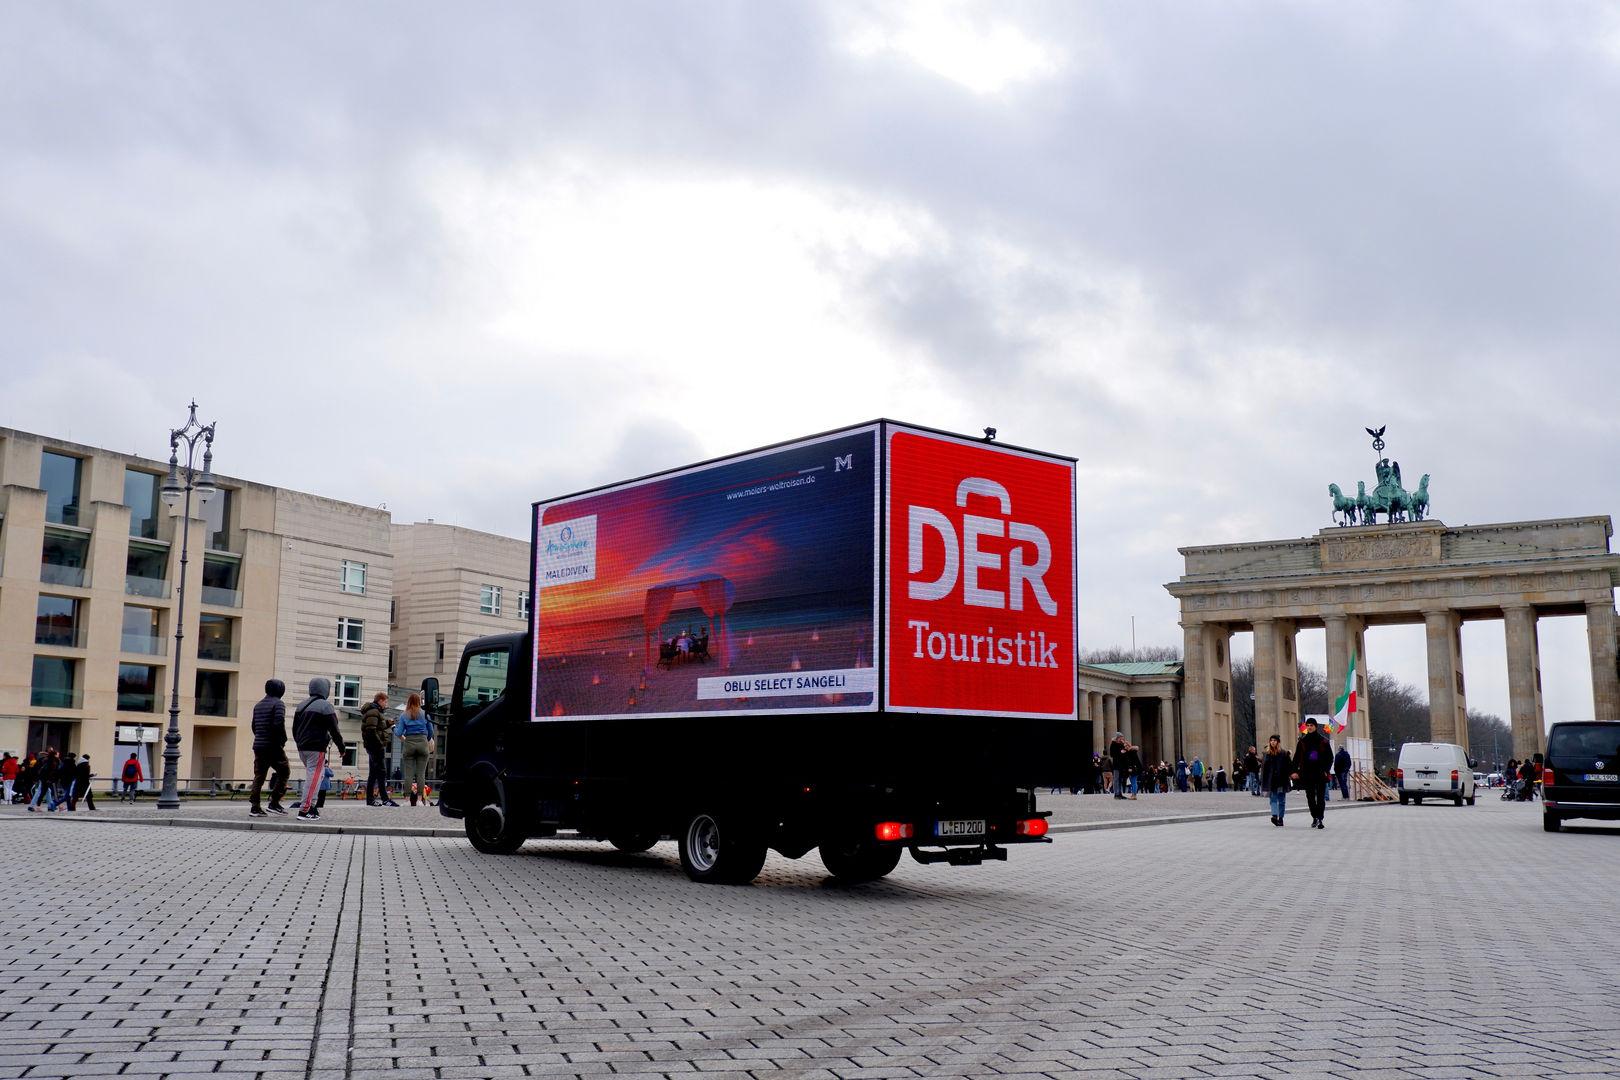 Mobile, digitale Werbung vor dem Brandenburger Tor